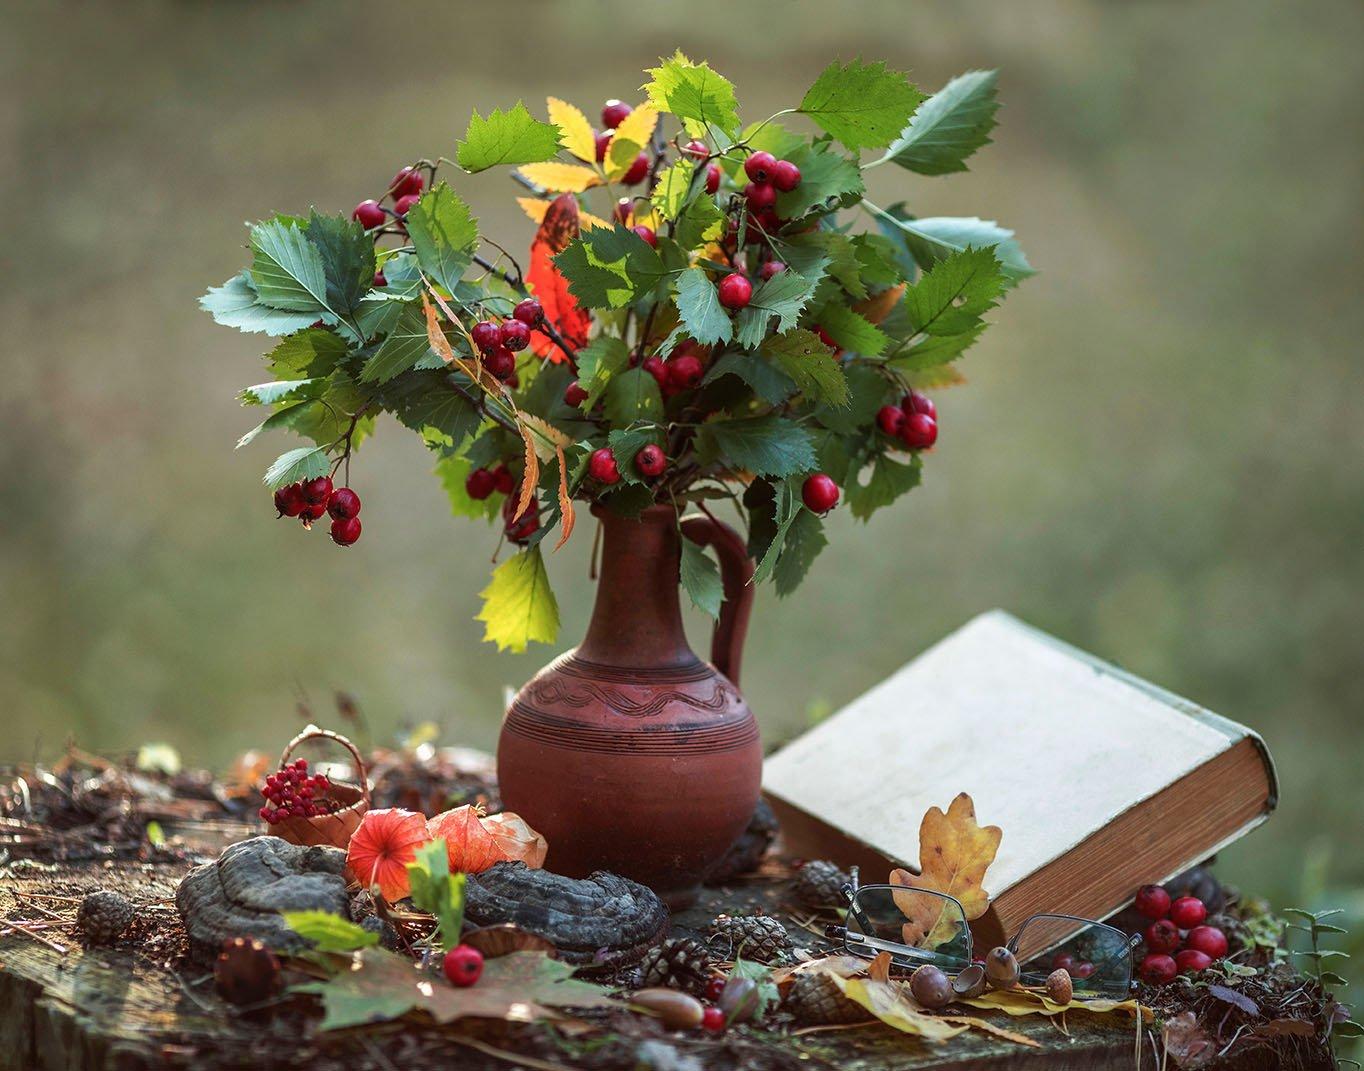 натюрморт, осень, этюд, природа,ягоды, краски,красота, stilllife, autumn, nature, beautiful, berry, Стукалова Юлия